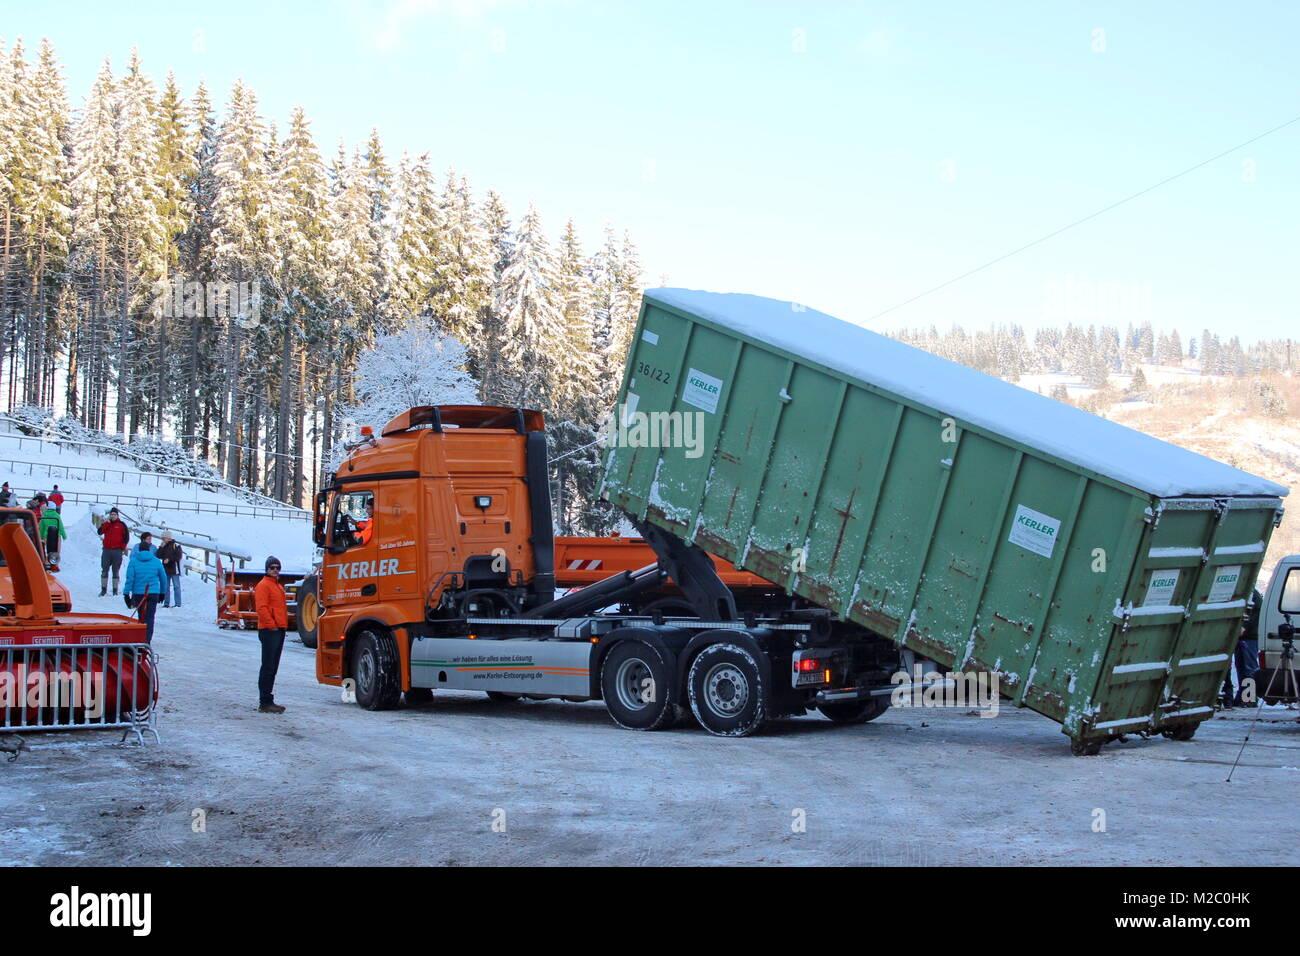 Vor zahlreichen Schaulustigen wurde am Samstag (30.11.2013) im Schmiedsbachtal der Hochfirstschanze der Schwarzwaldgletscher von Titisee-Neustadt geöffnet. Mit dem Schnee vom vergangenen Winter, der unter Styroporplatten, Sägemehl und Plastikfolien übersommert hat, wird jetzt sterben Hochfirstschanze mit Schnee belegt. Dort werden vom 13. bis 15. November 2012 wieder zwei FIS-Weltcup-Skispringen ausgetragen. Der zehn Meter hohe und 65 Meter lange Schneeberg umfasst etwa 7.000 Kubikmeter. Stockfoto